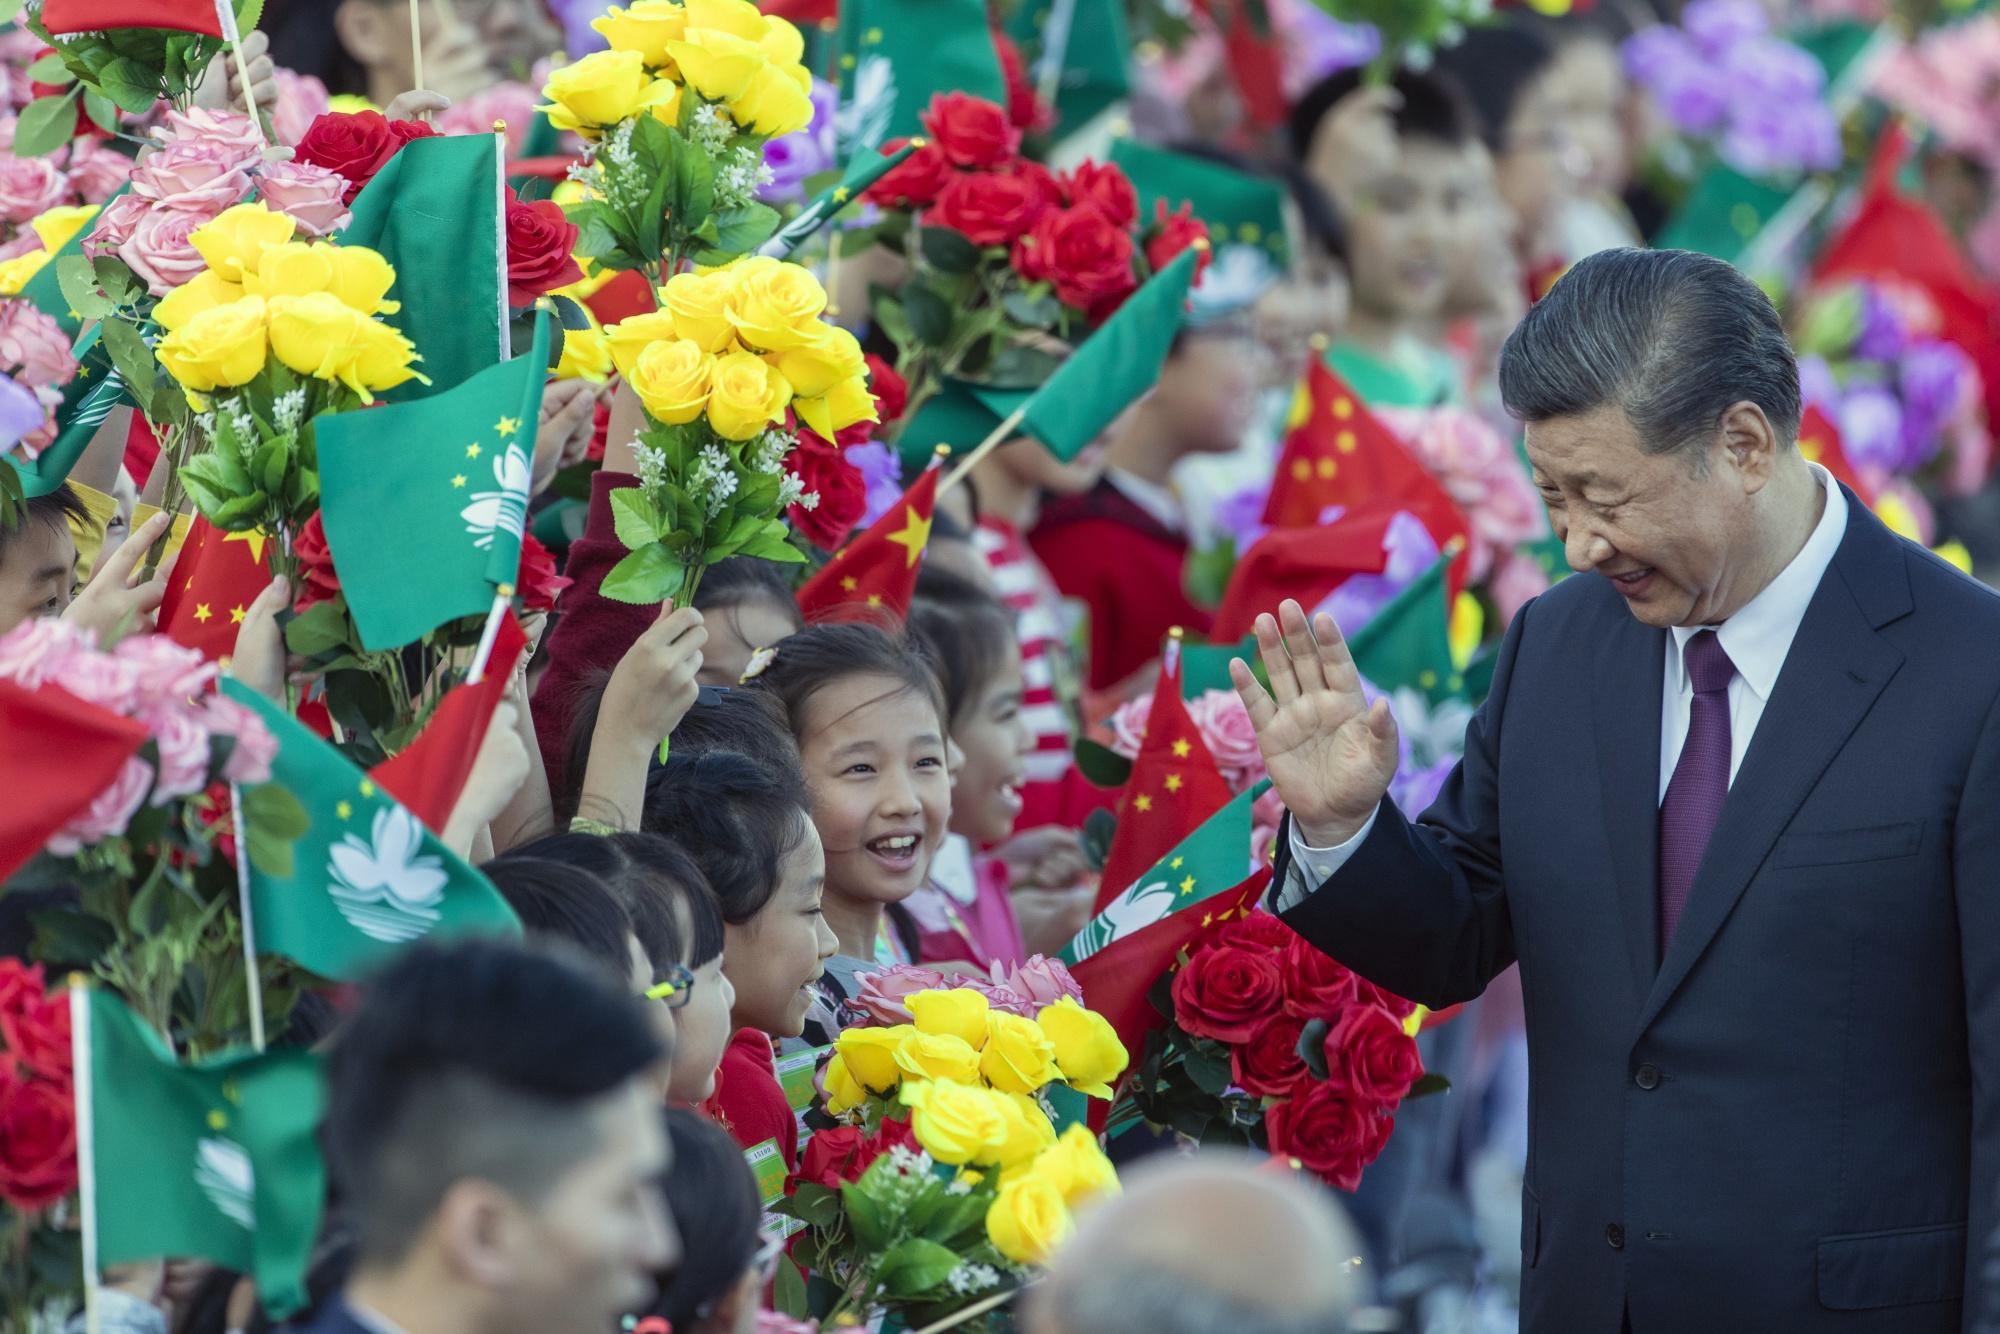 中国国家主席习近平出席澳门特别行政区成立20周年庆祝活动